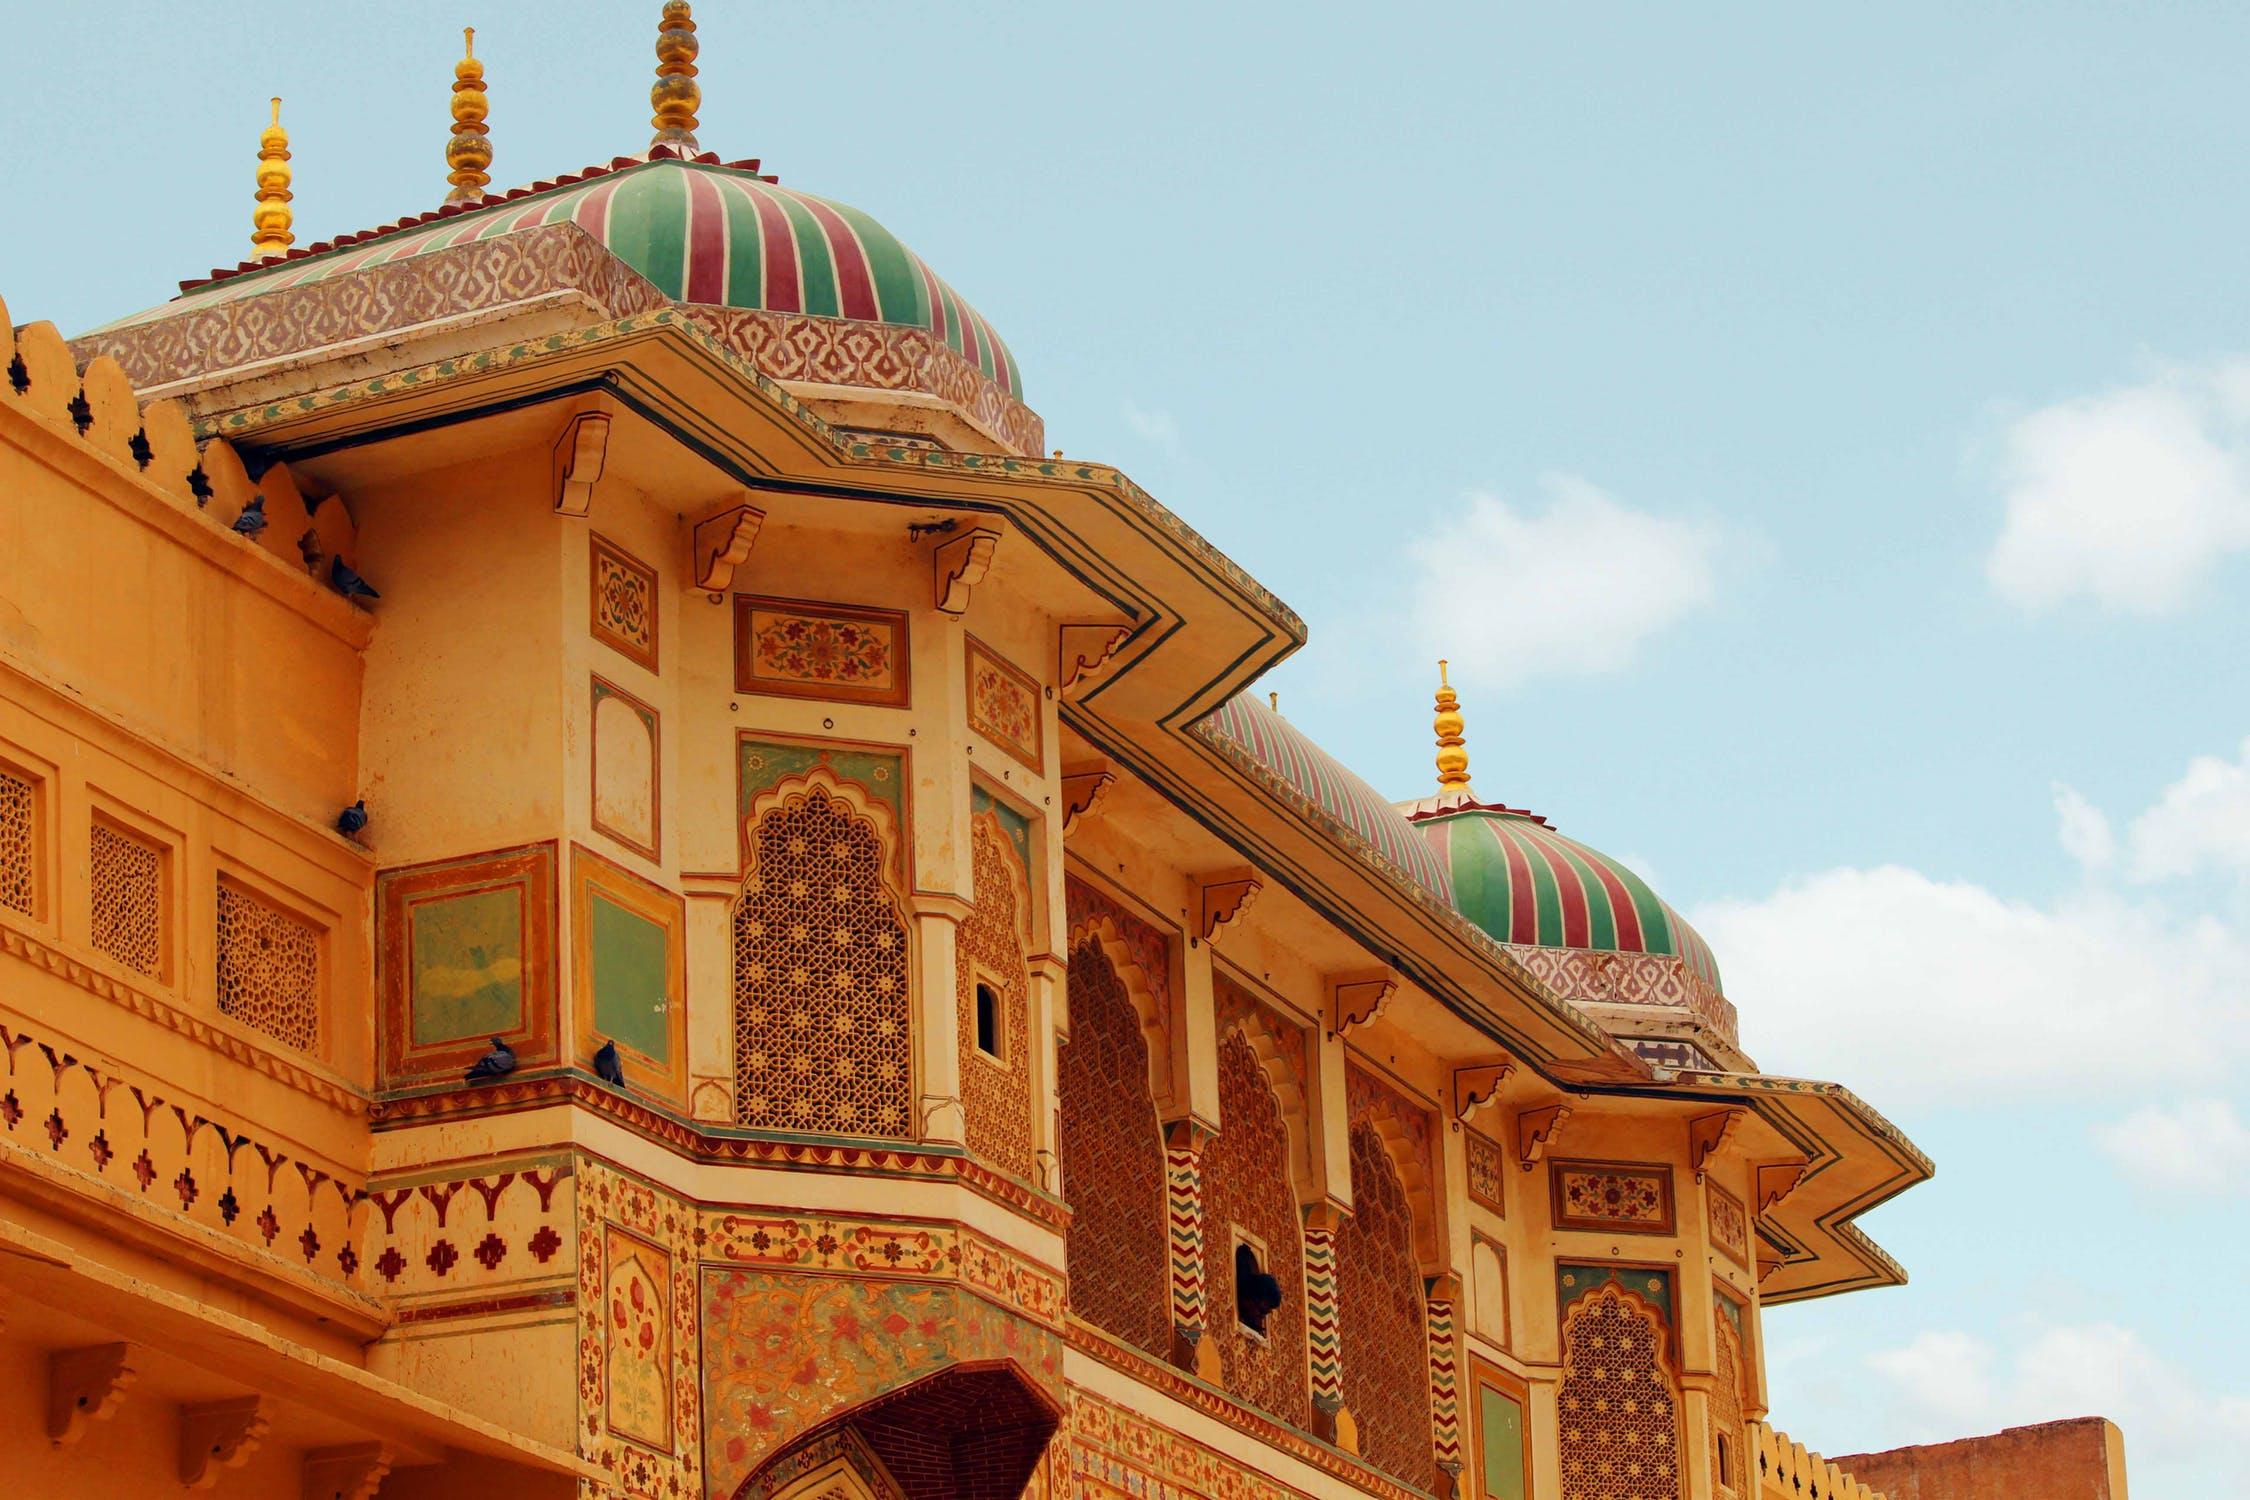 वैसे तो देश भर में बेशुमार पर्यटक स्थल हैं लेकिन इनमें राजस्थान की अपनी एक अलग छाप हैै. यहां राजसी ठाठ, ऊंट की सवारी और ऐतिहासिक इमारतें देखना एक अनूठा अनुभव हो सकता है.